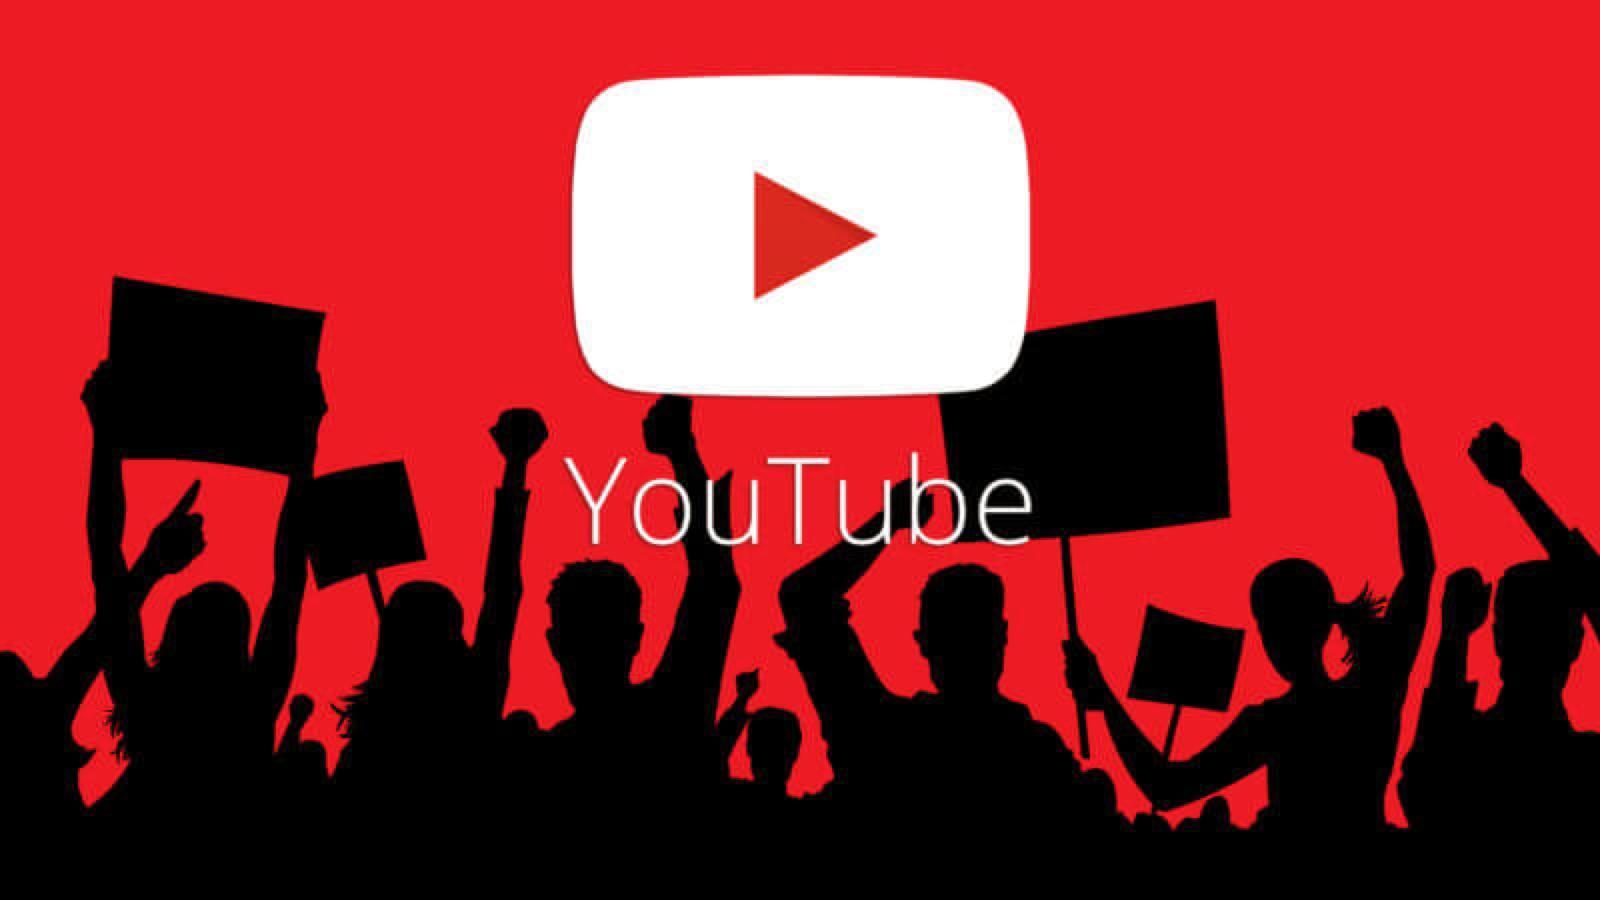 YouTube Premium Full HD bideoaren deskarga eskainiko da!